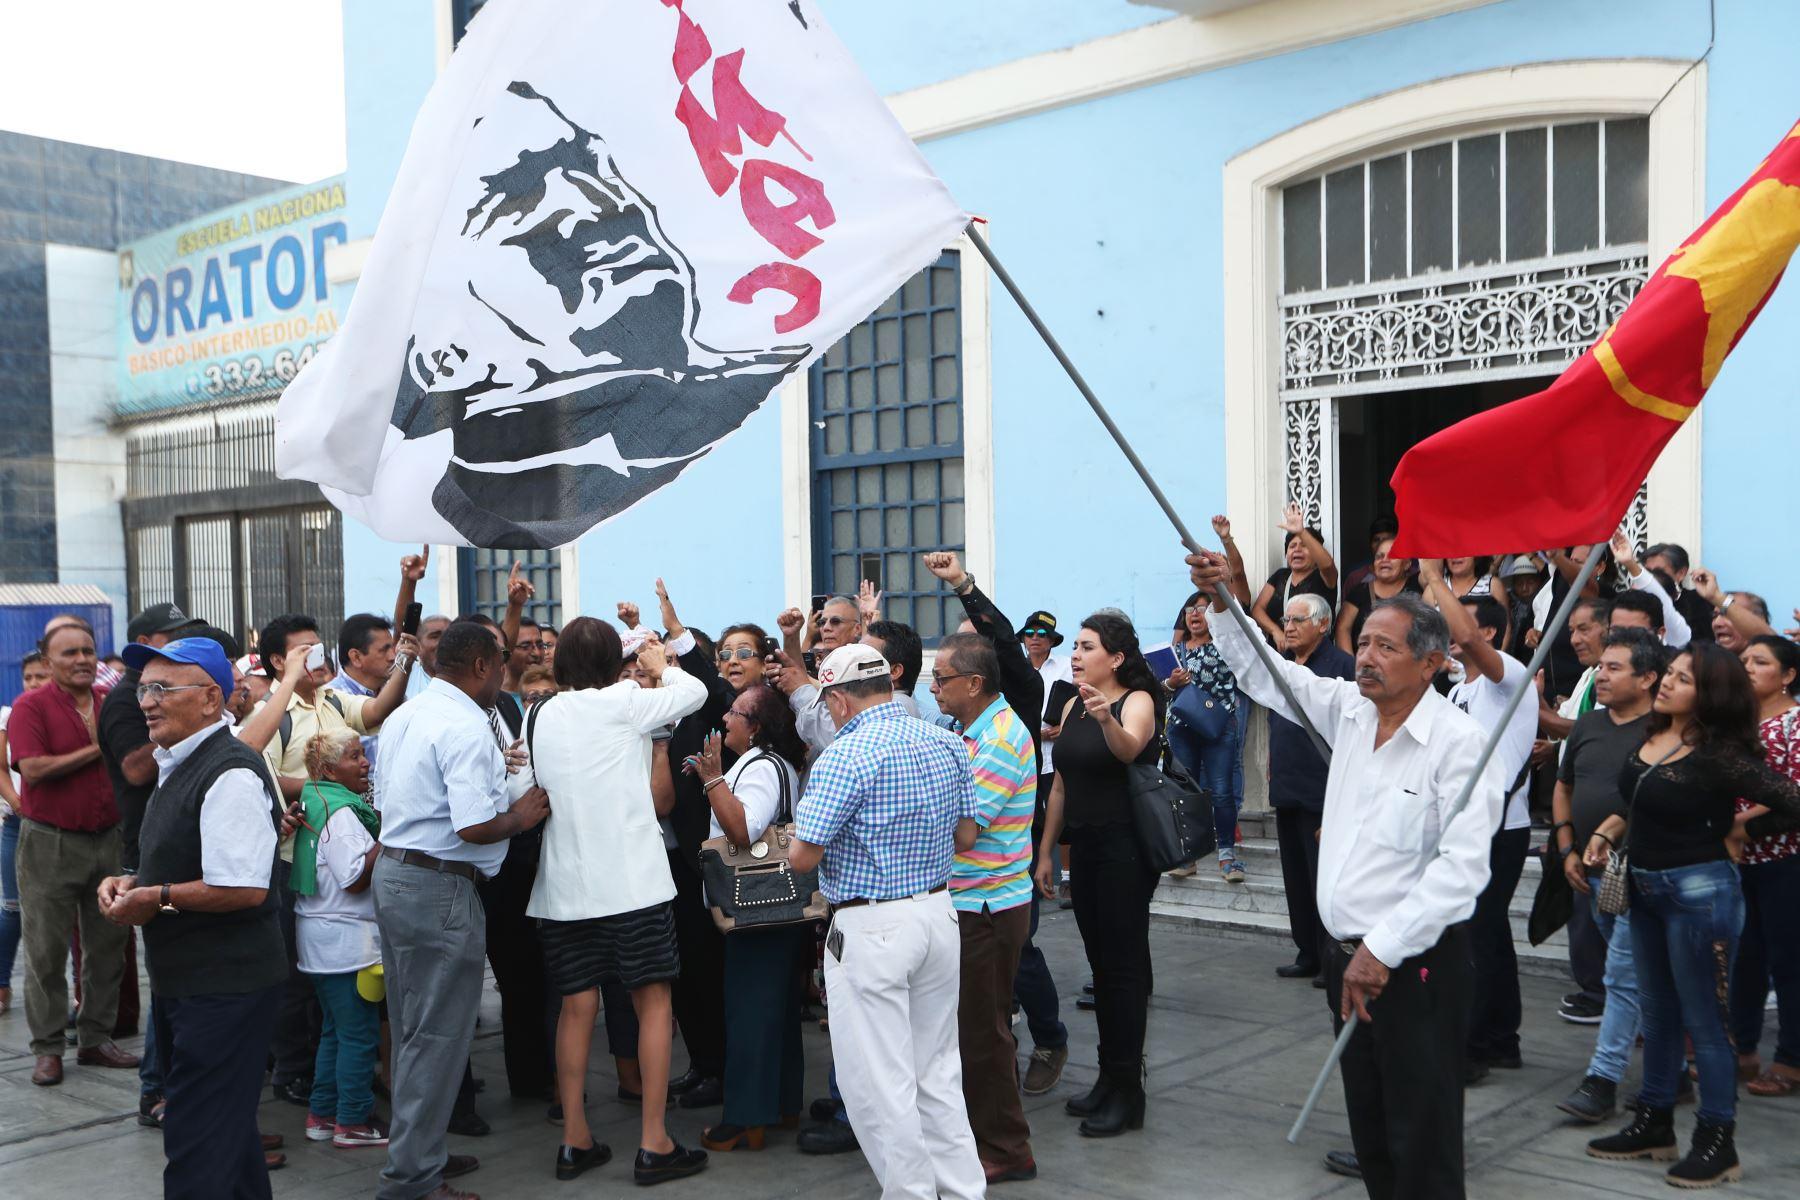 Partidarios llegan a la casa del pueblo para recibir los restos de Alan Garcia. Foto: ANDINA/Melina Mejía